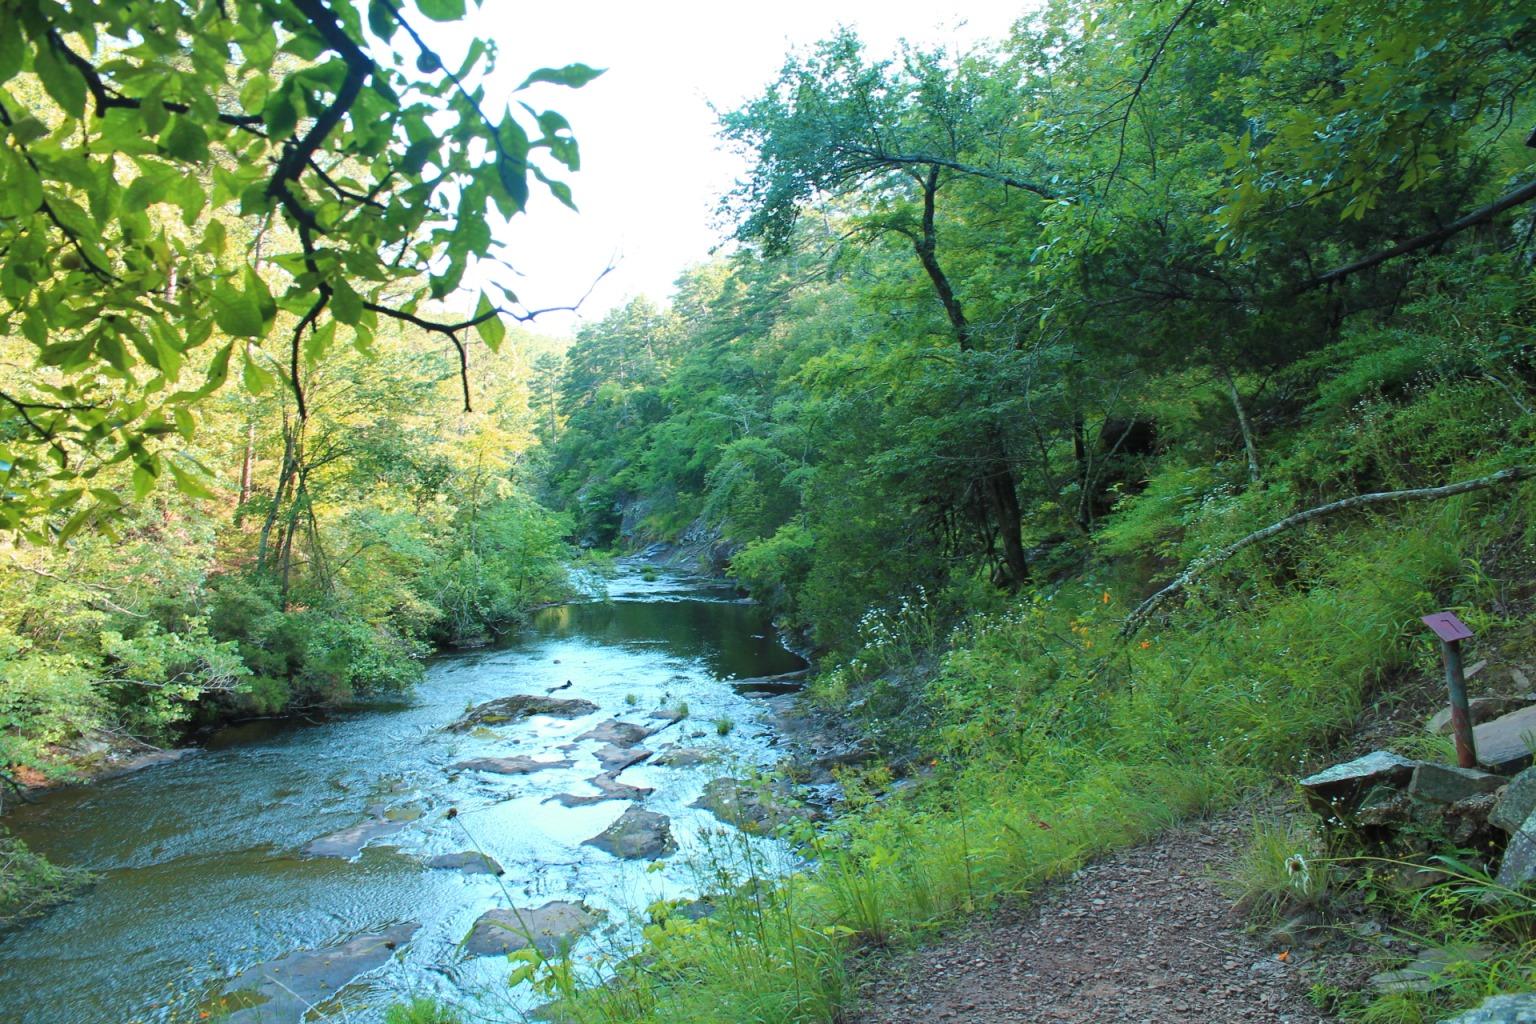 petit jean cedar creek trail 1 mi arklahoma hiker